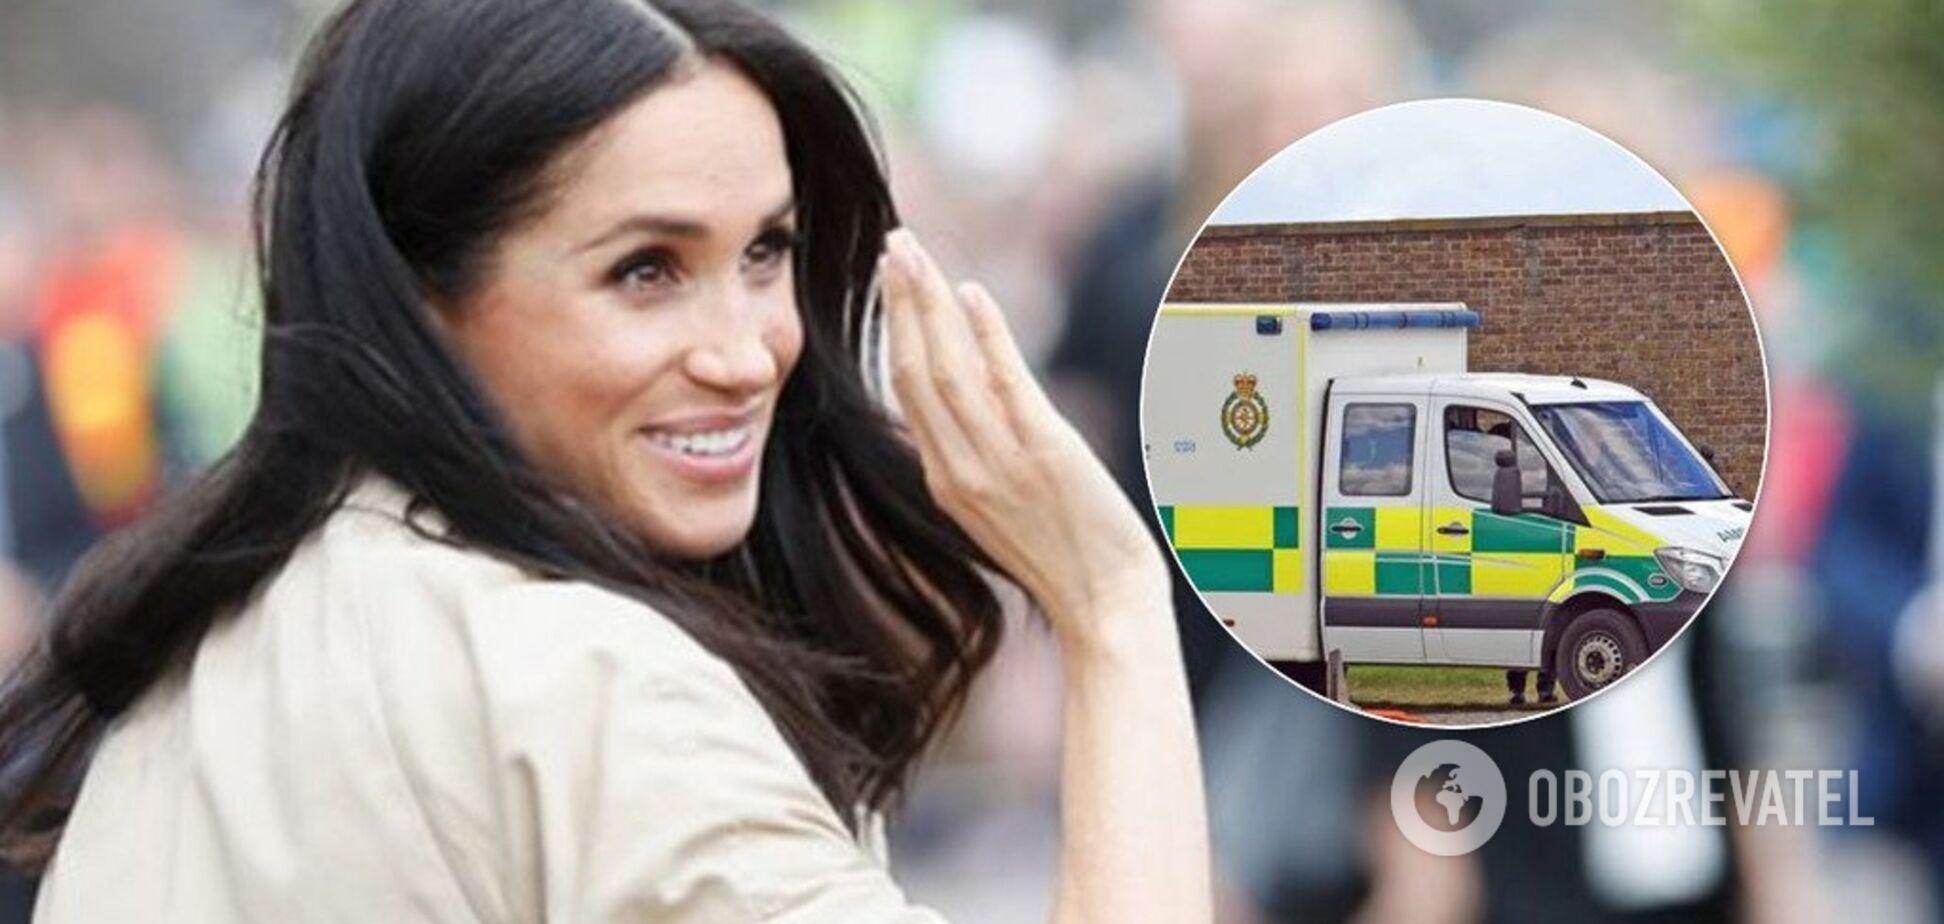 Народила? Біля резиденції Маркл і принца Гаррі помітили медиків